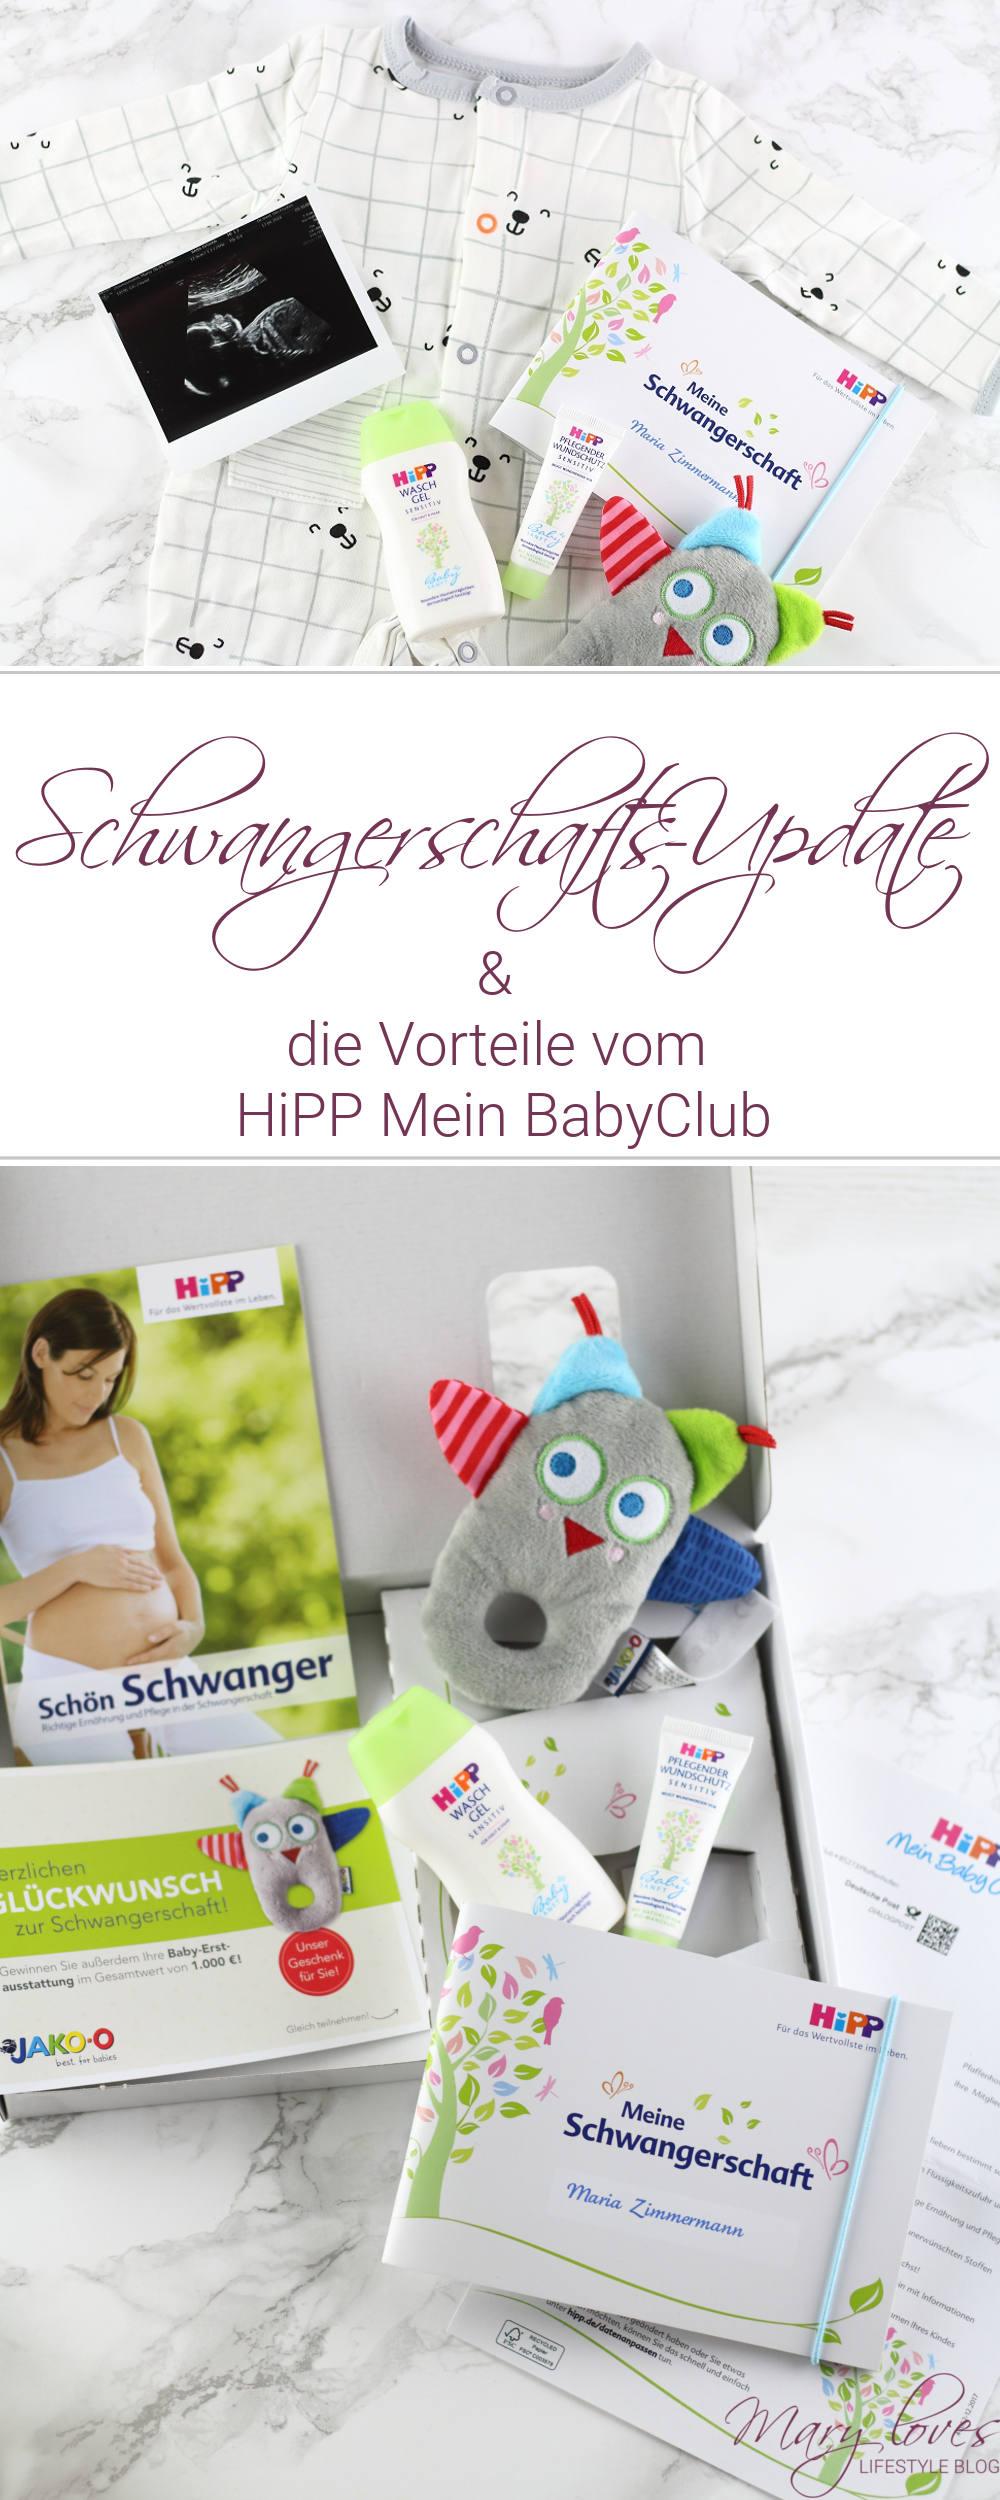 [Anzeige] Schwangerschafts-Update 27. Woche & der HiPP Mein BabyClub - #schwanger #schwangerschaft #hipp #babyclub #meinbabyclub #schwangerschaftstipps